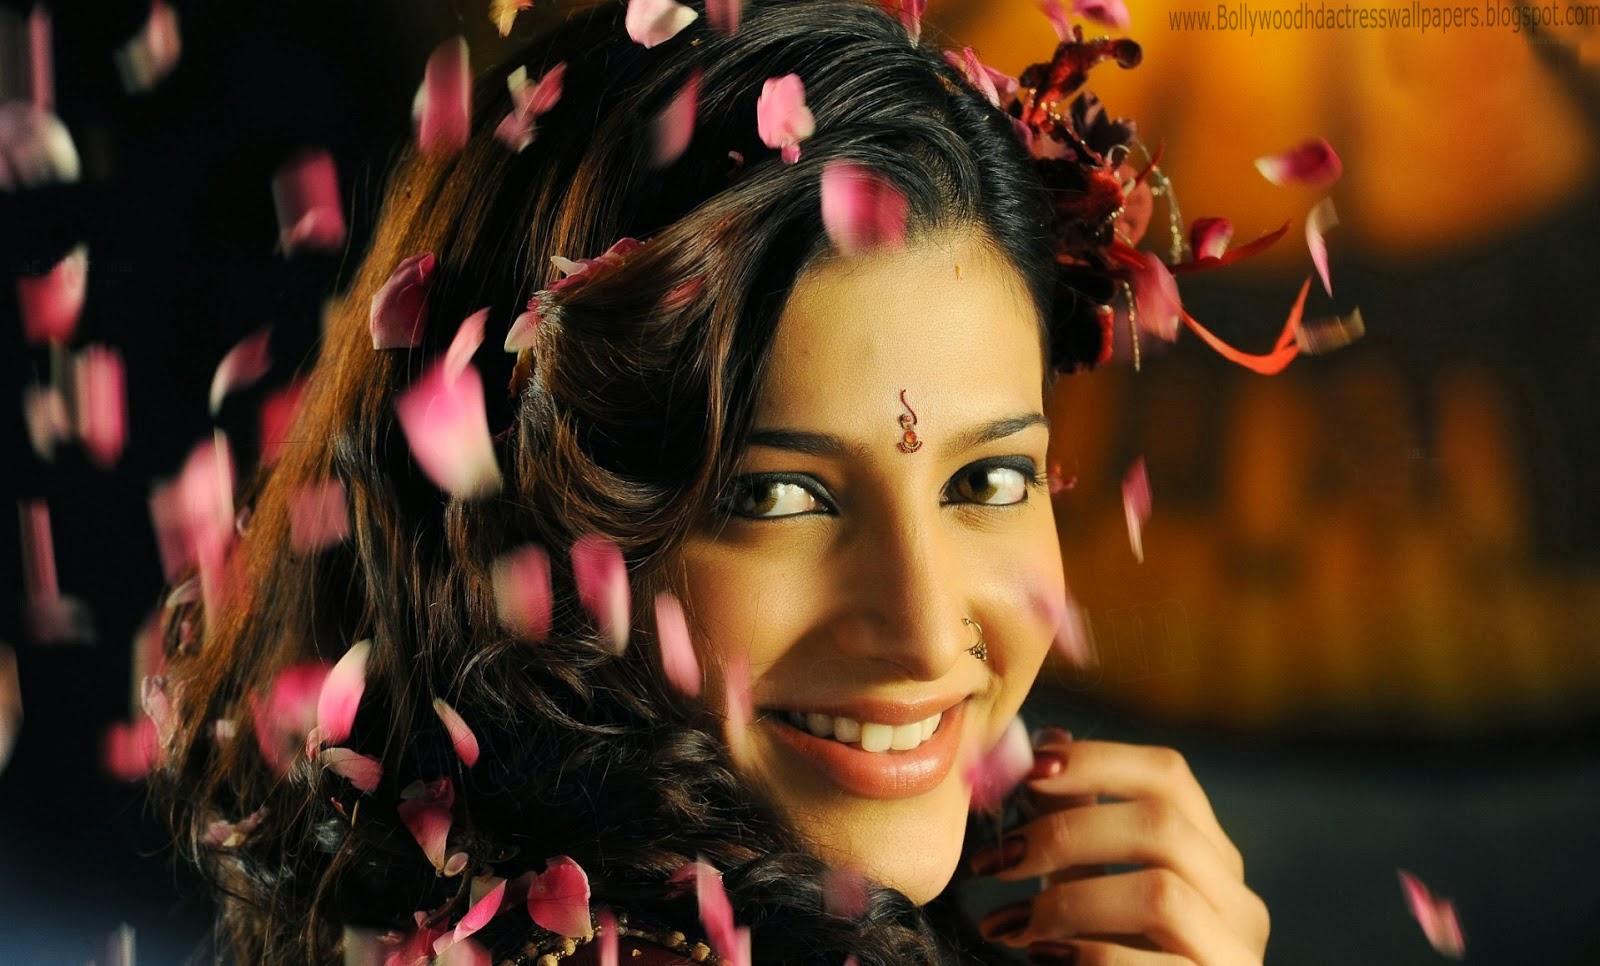 Shruti Haasan HD wallpaper for download